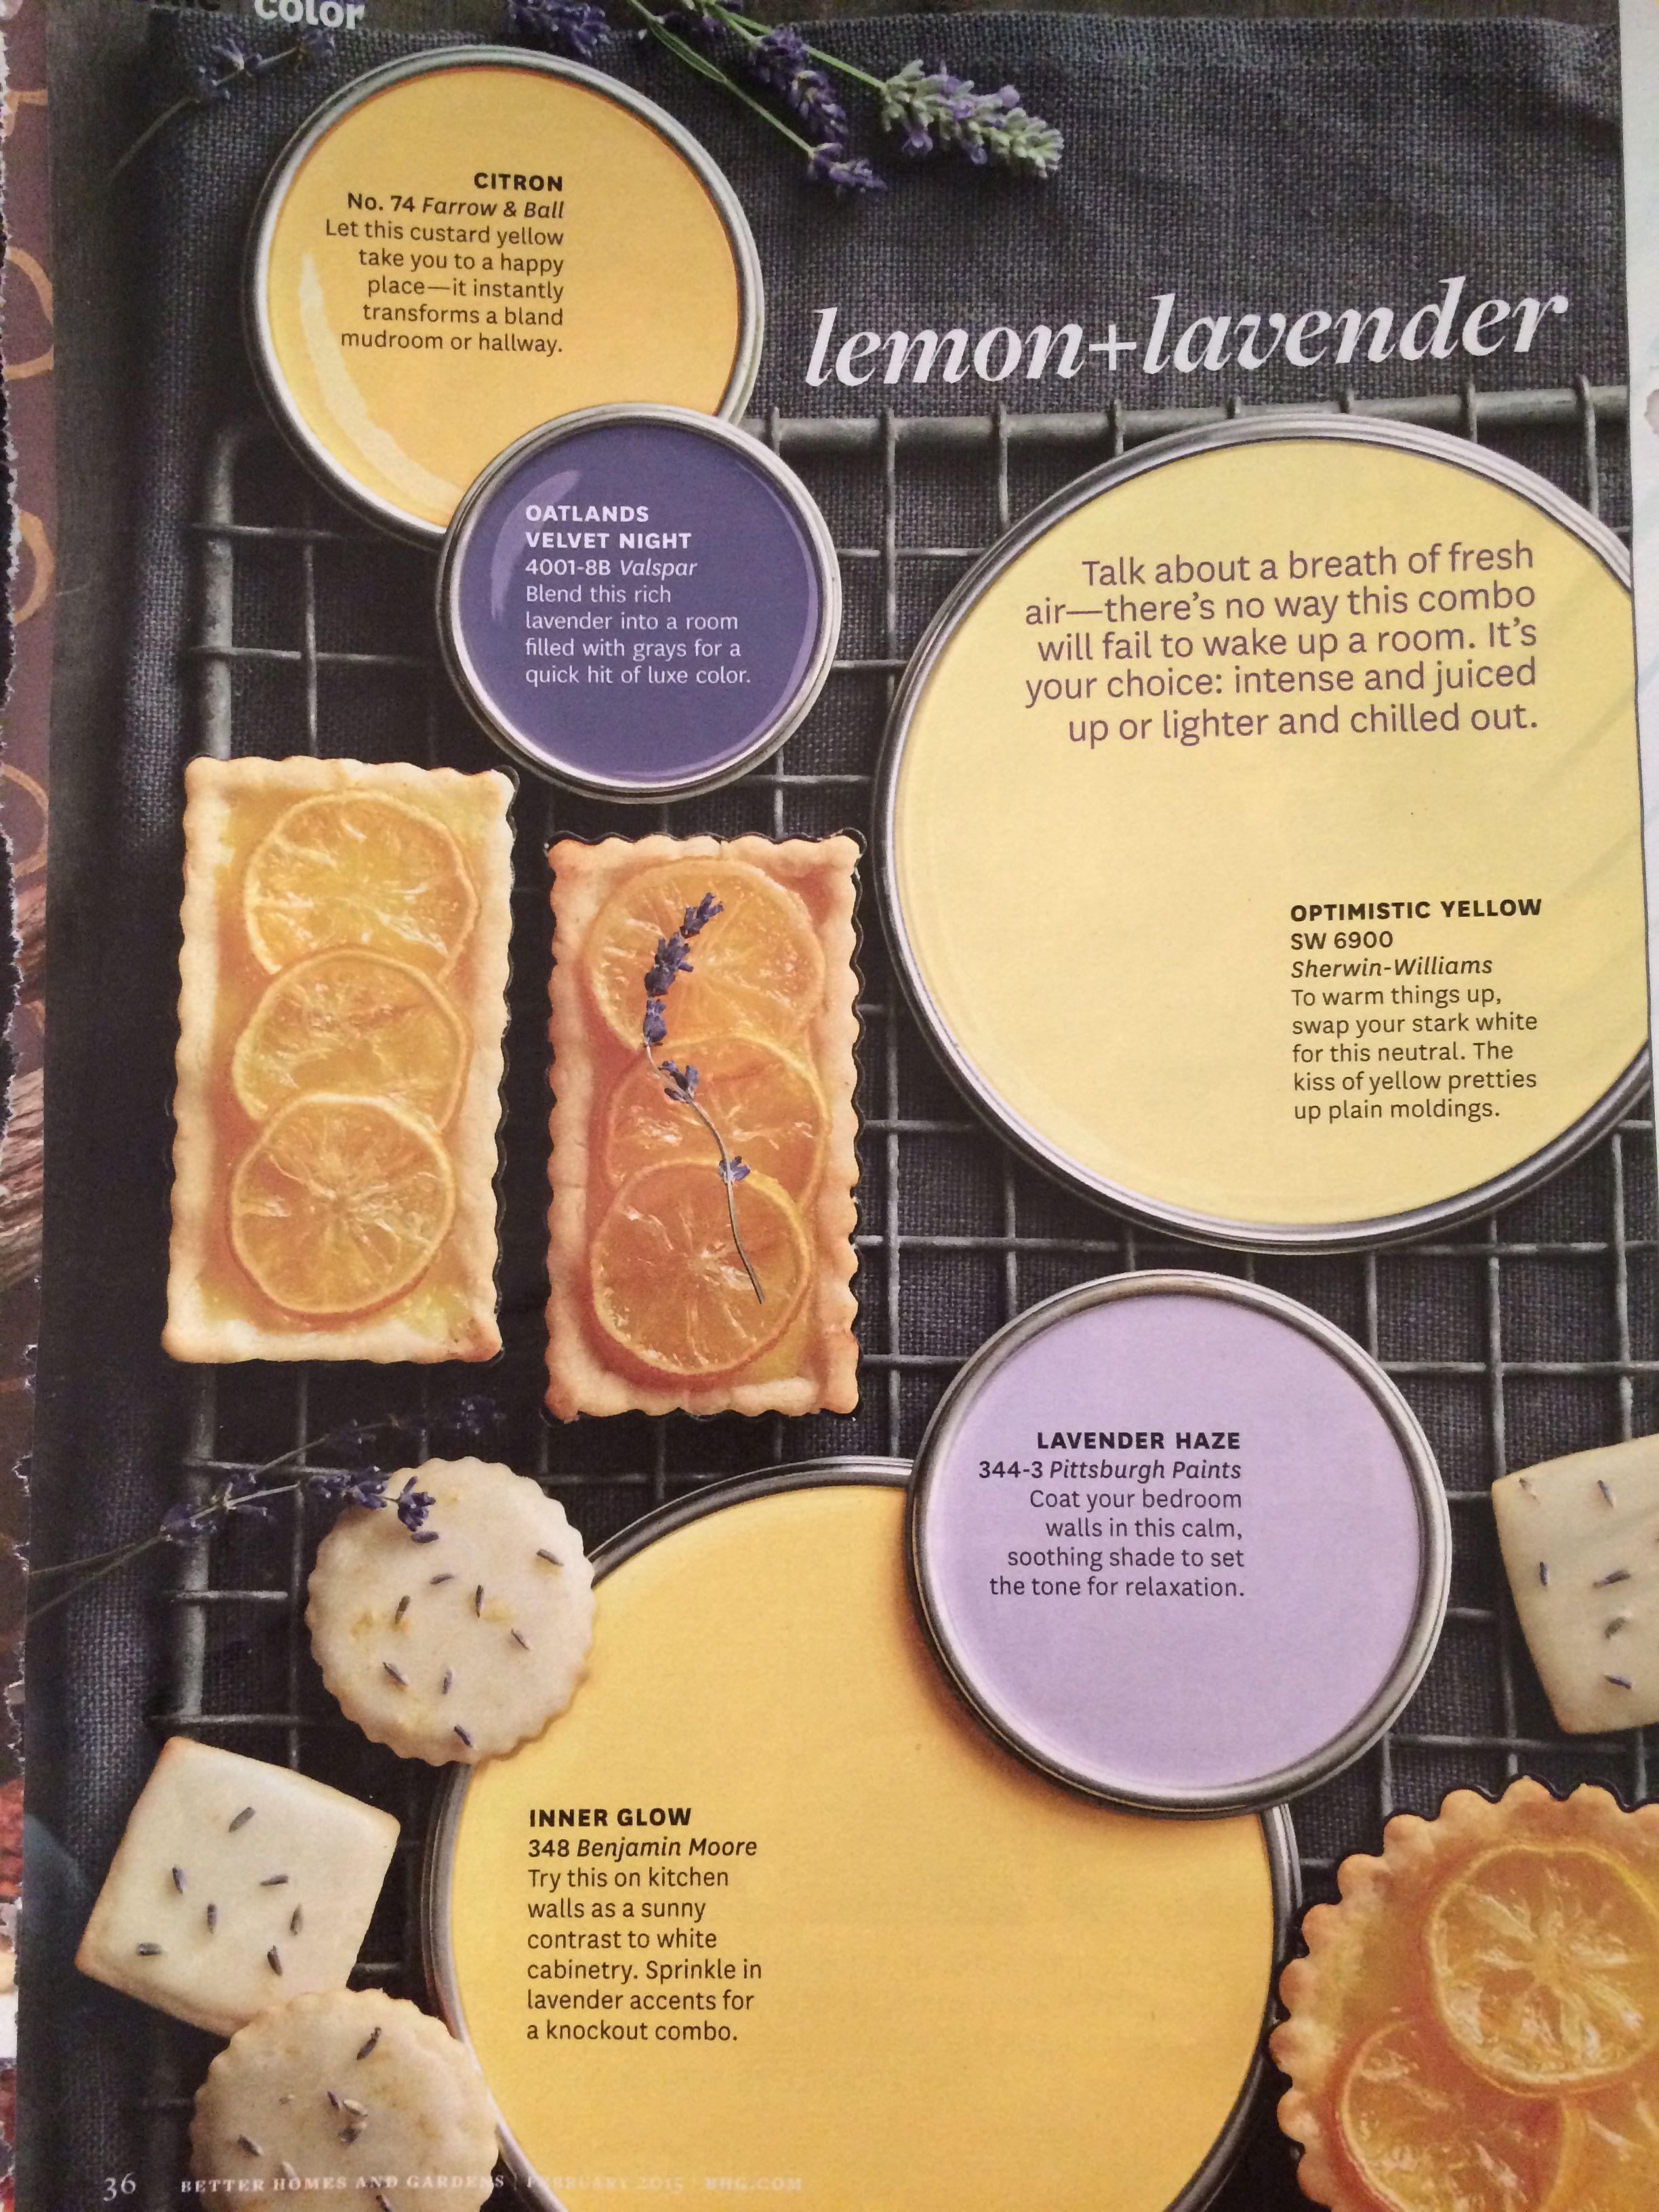 lemon and lavender | COLORS | Pinterest | Lavender, Lemon and Color ...